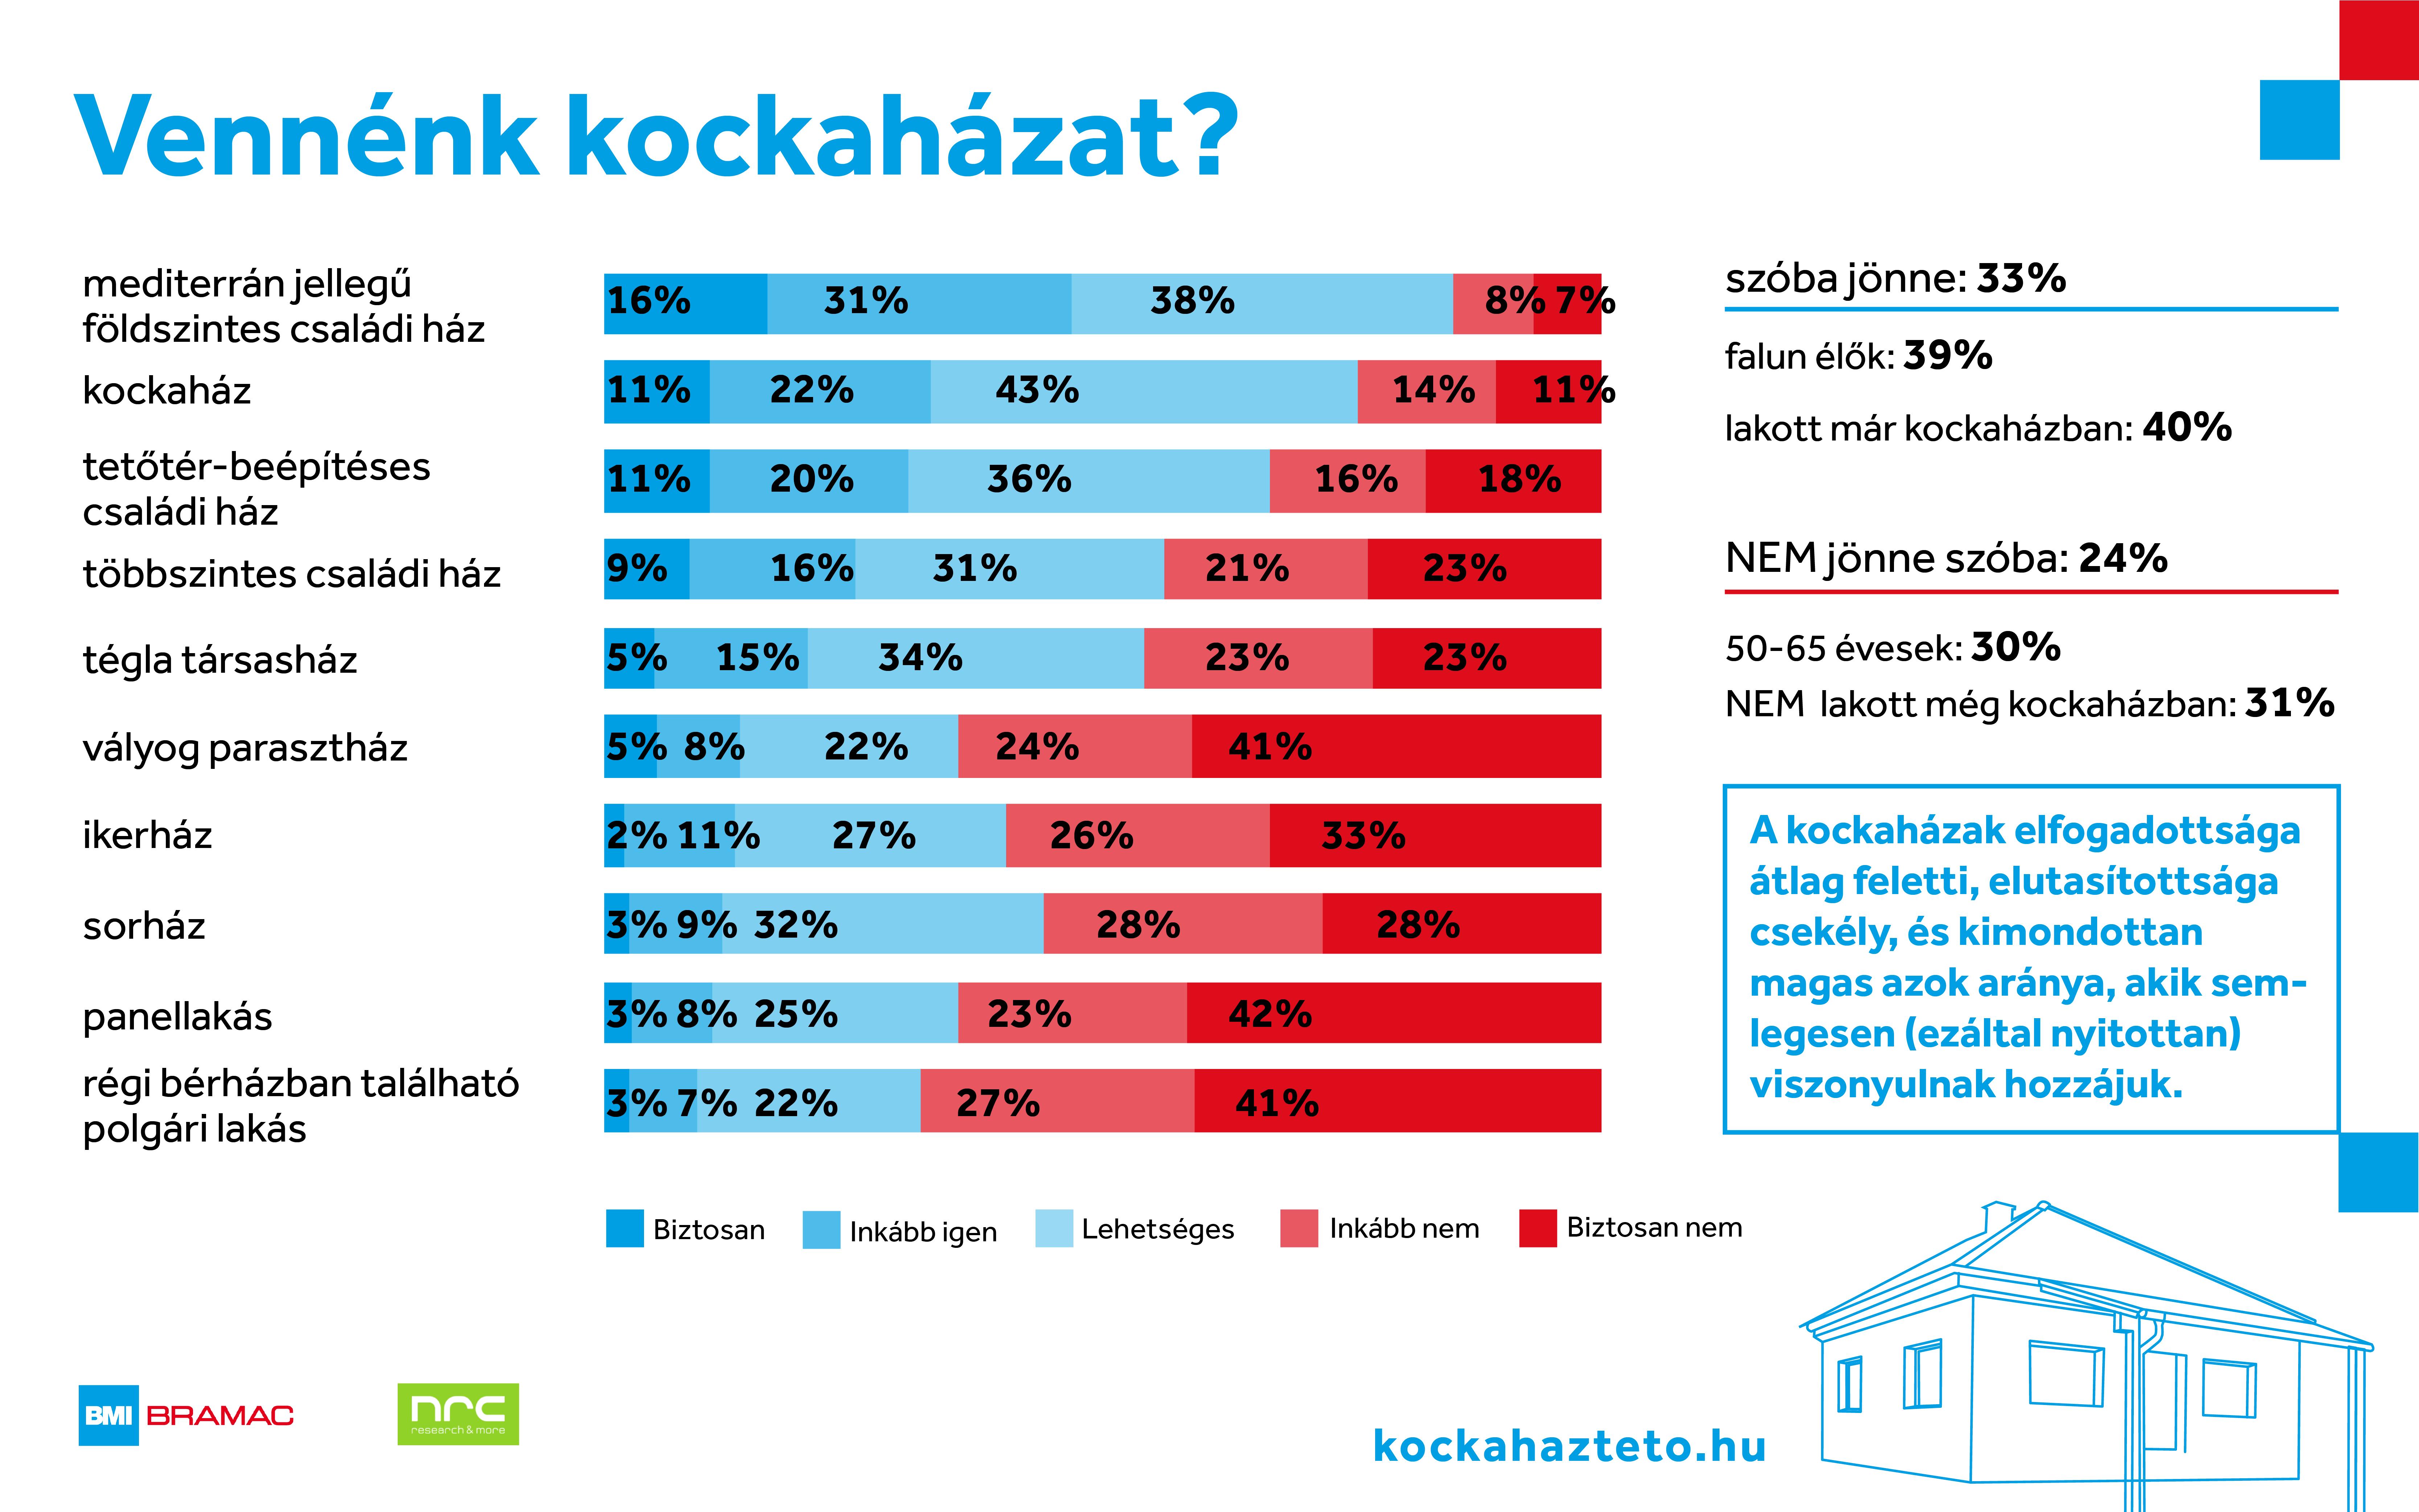 bramac_kockahaz_kutatas_kadar_kocka_3.png